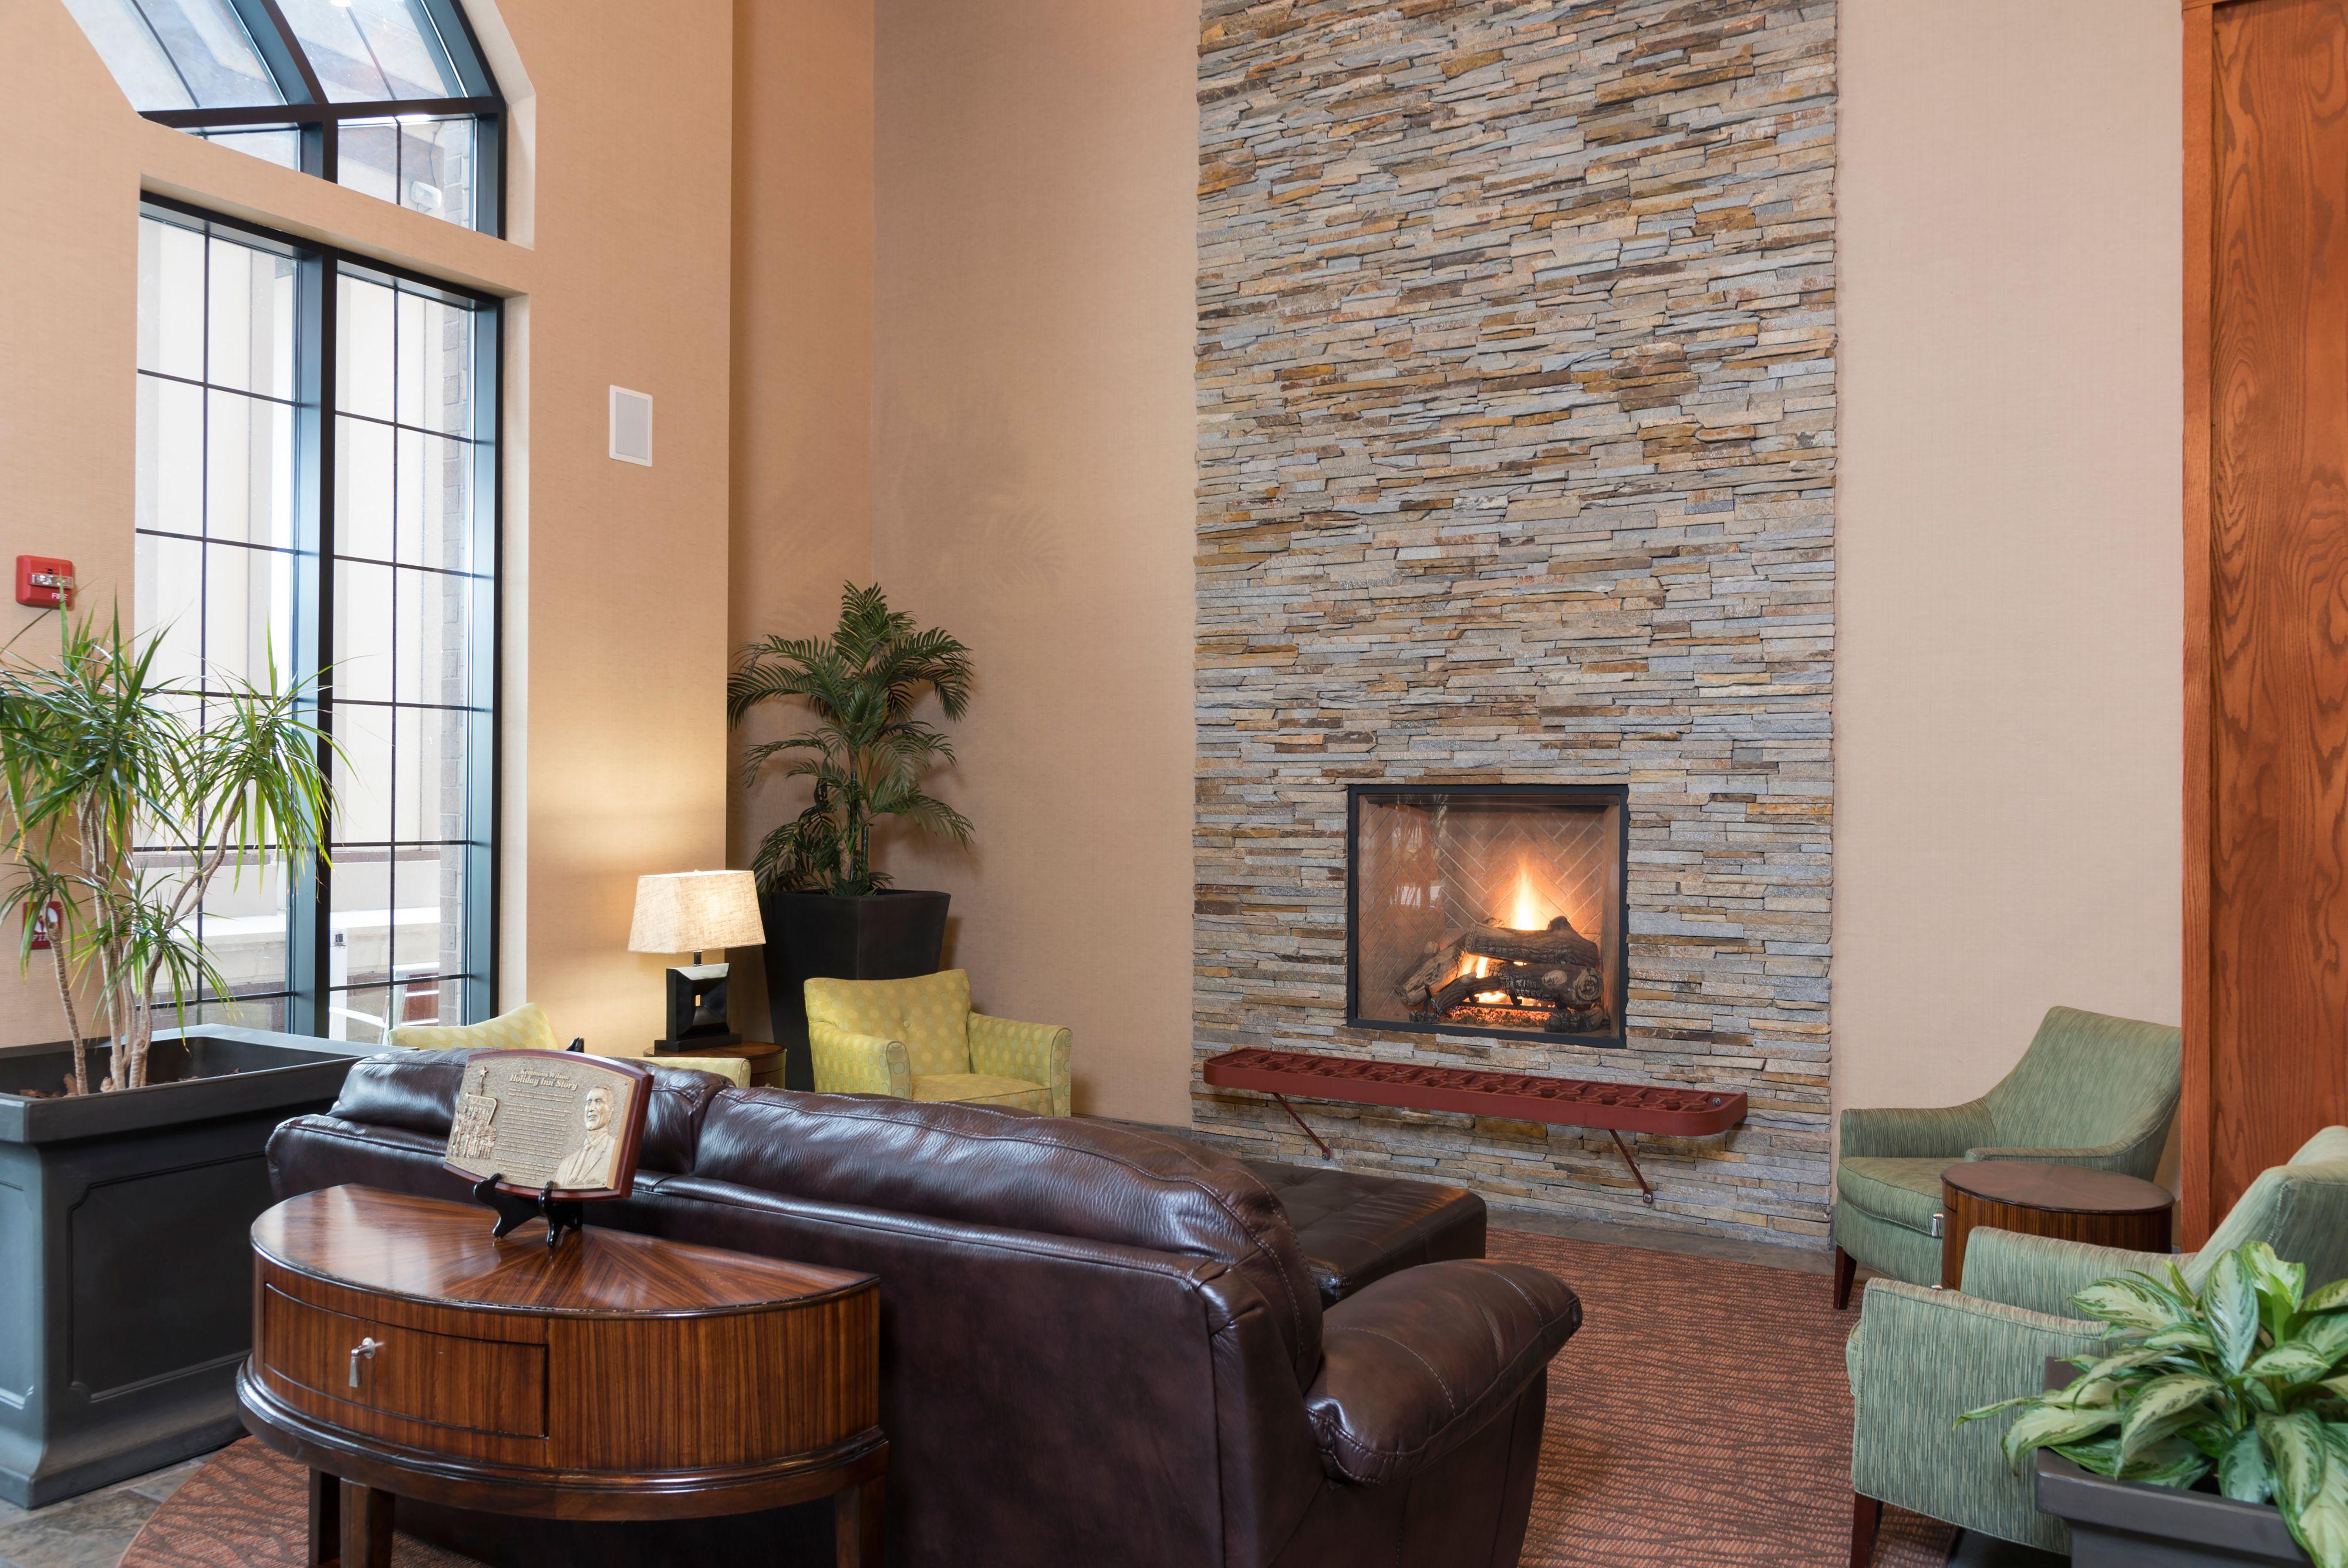 Holiday Inn Midland image 4